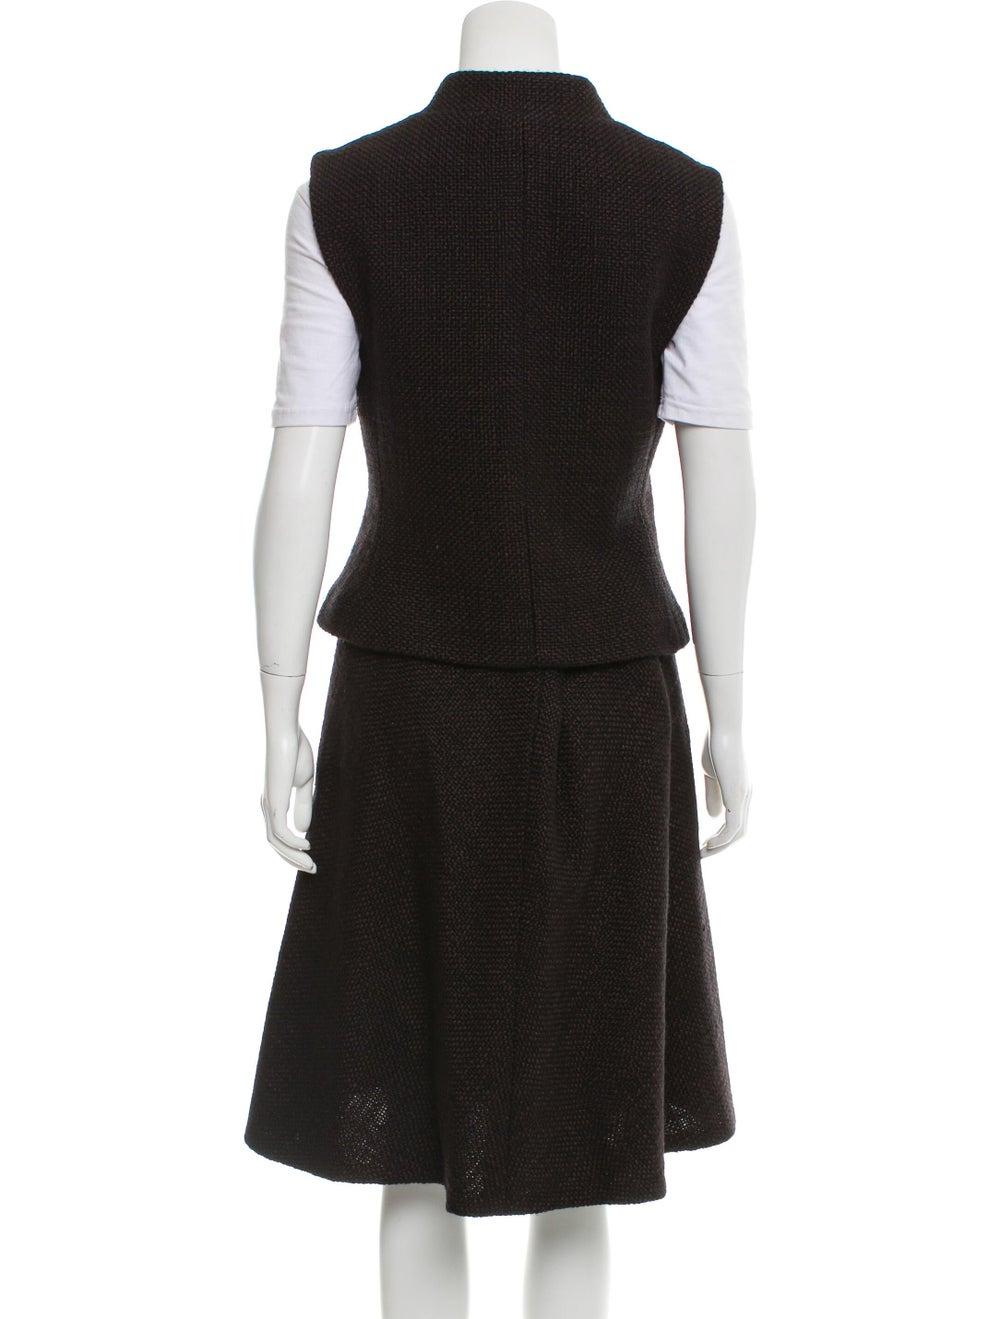 Chanel Wool Tweed Skirt Set wool - image 3